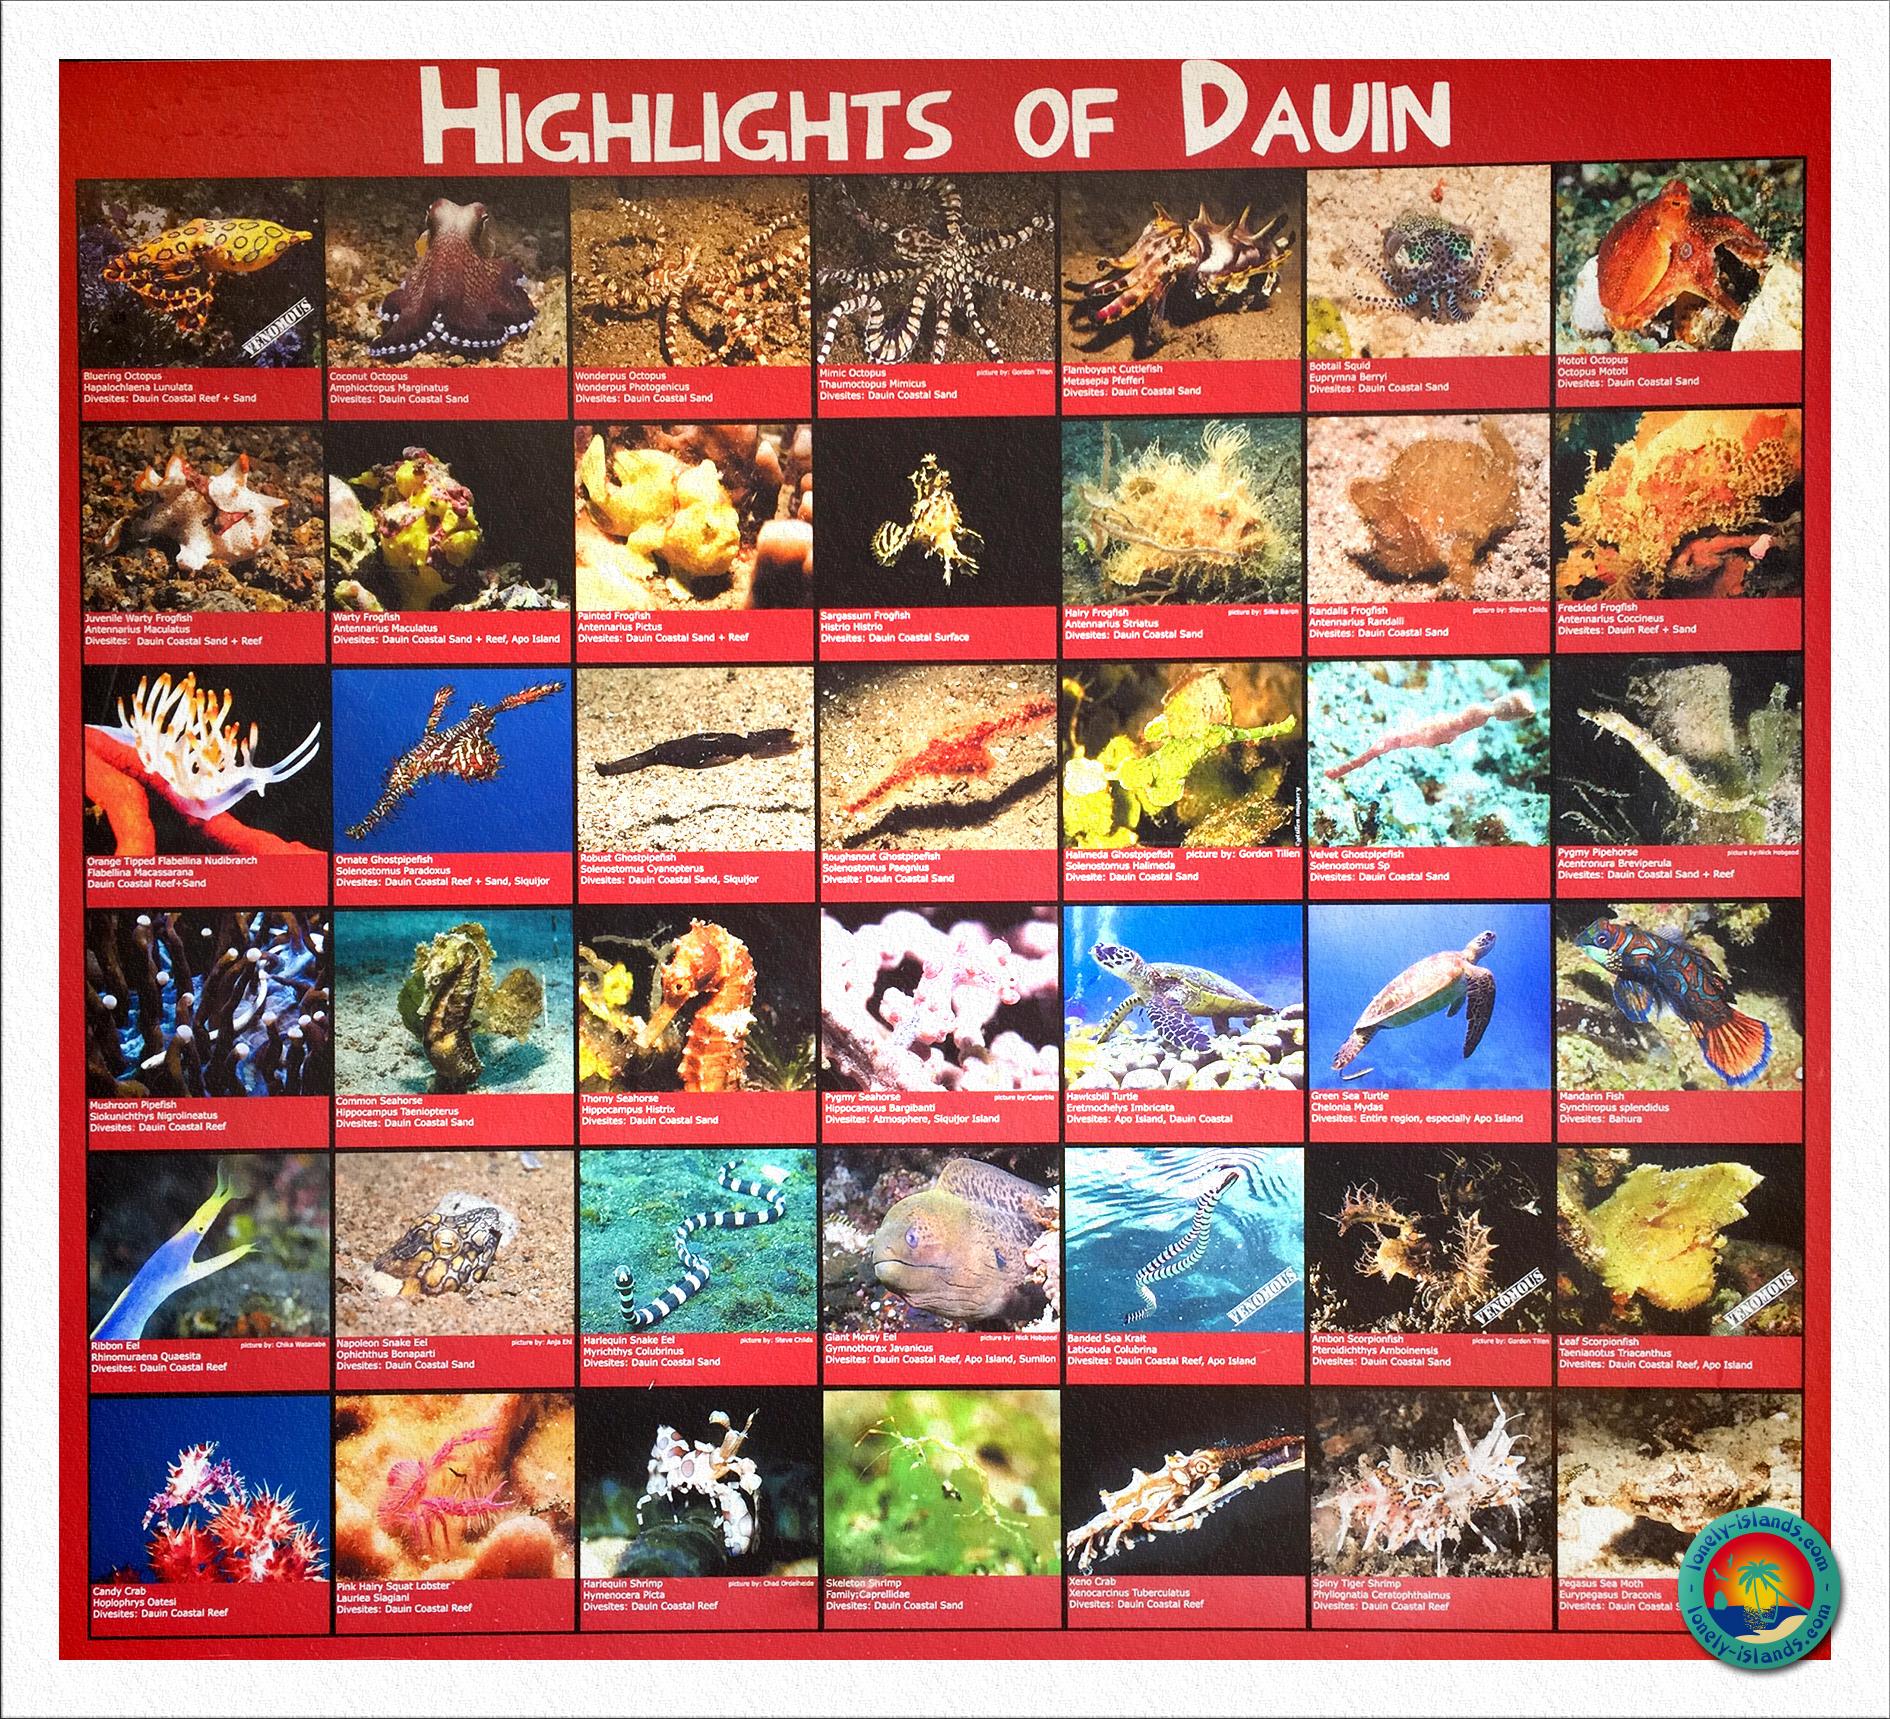 Übersicht der Highlights von Dauin im El Dorado